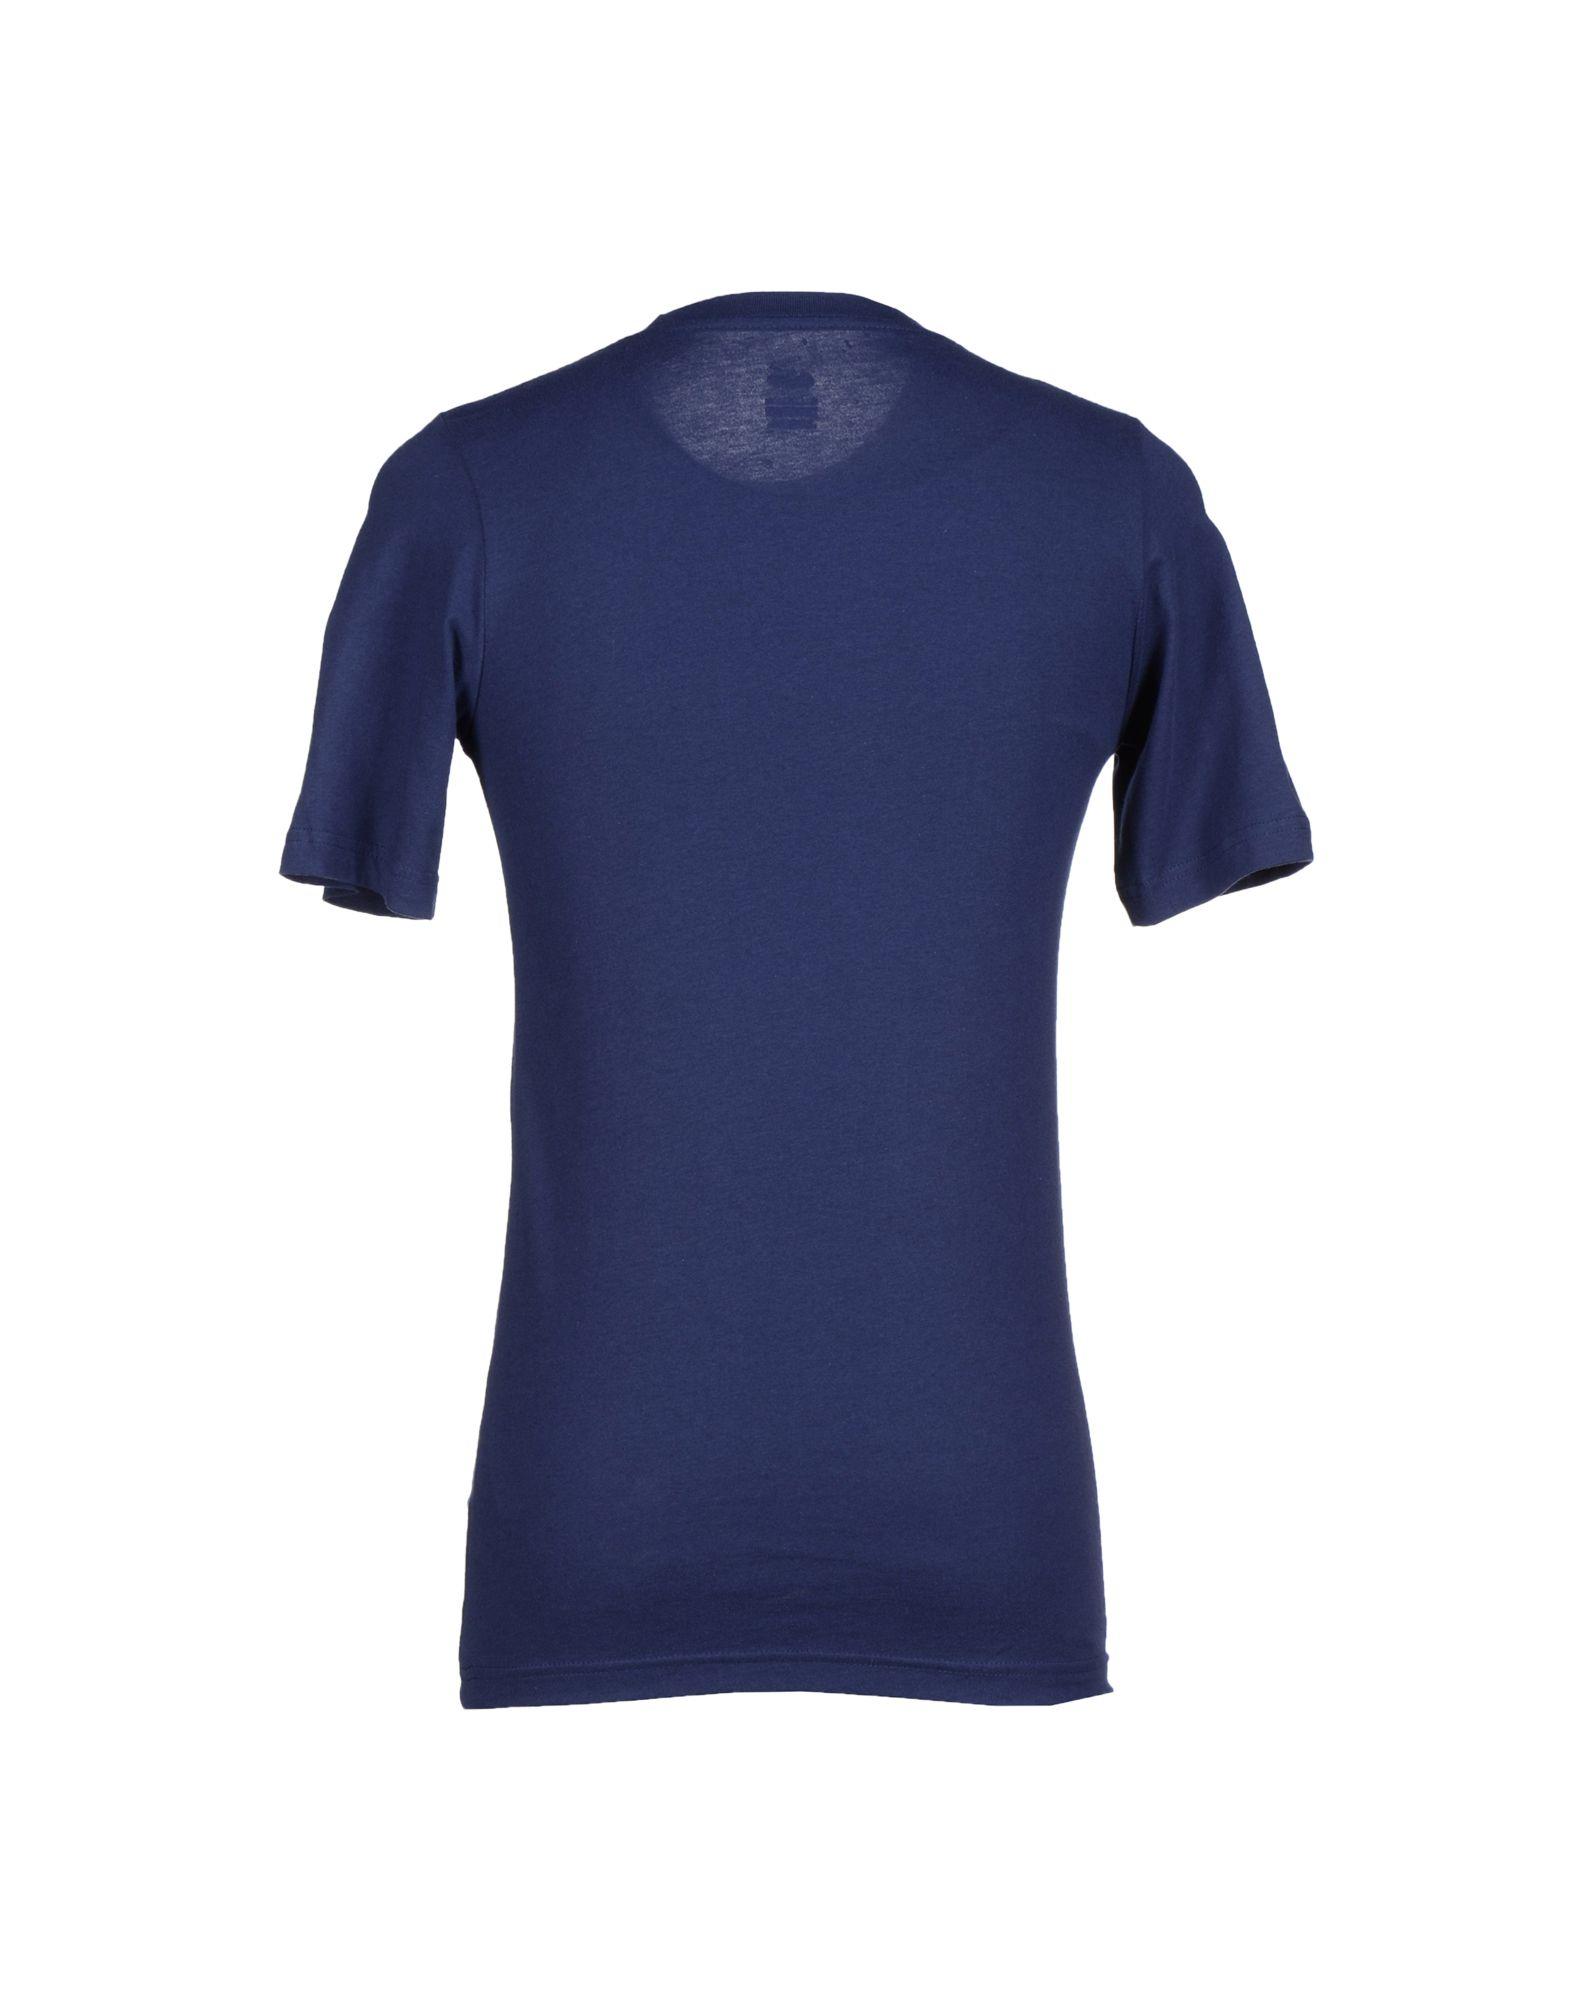 Lyst nike t shirt in blue for men for T shirt dark blue